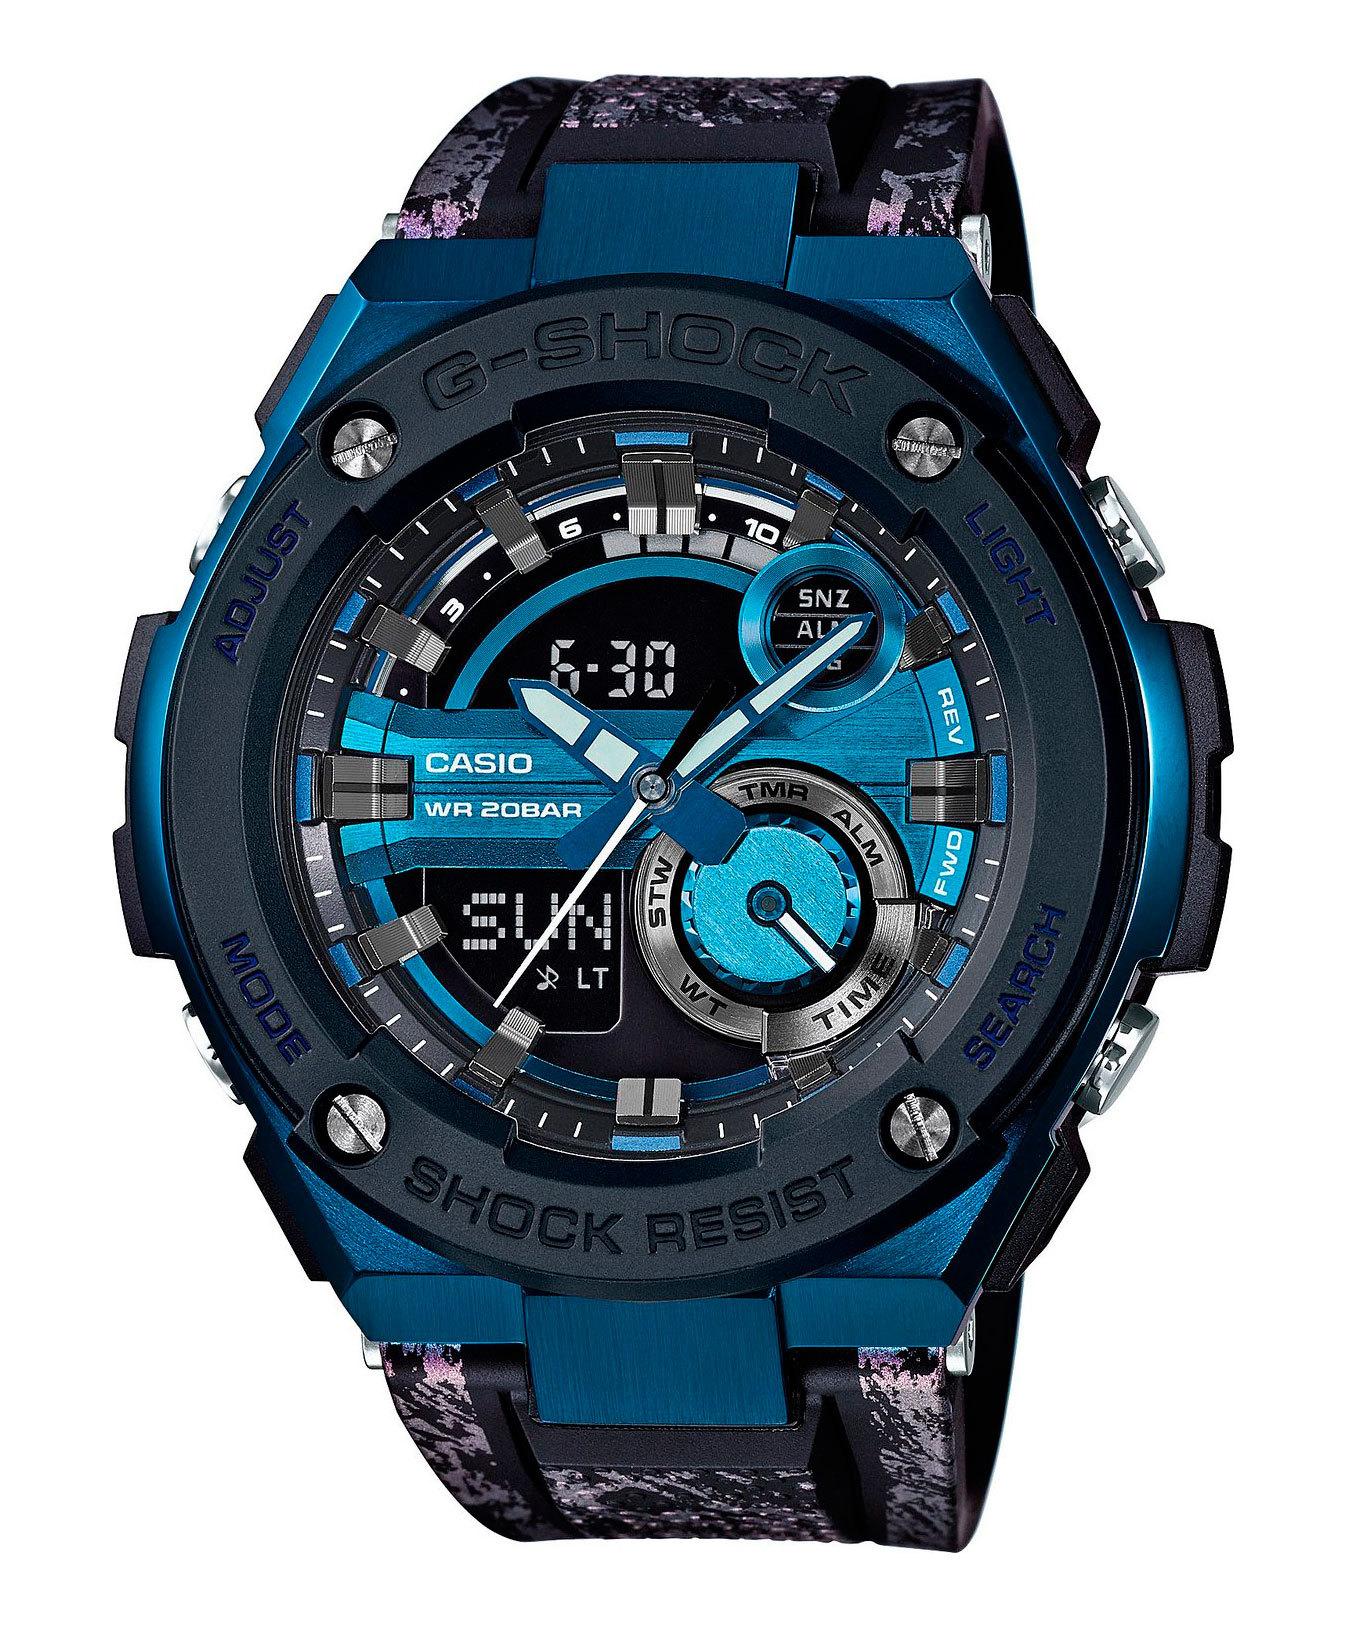 Casio G-SHOCK GST-200CP-2A / GST-200CP-2AER - мужские наручные часыCasio<br><br><br>Бренд: Casio<br>Модель: Casio GST-200CP-2A<br>Артикул: GST-200CP-2A<br>Вариант артикула: GST-200CP-2AER<br>Коллекция: G-SHOCK<br>Подколлекция: None<br>Страна: Япония<br>Пол: мужские<br>Тип механизма: кварцевые<br>Механизм: None<br>Количество камней: None<br>Автоподзавод: None<br>Источник энергии: от батарейки<br>Срок службы элемента питания: None<br>Дисплей: стрелки + цифры<br>Цифры: None<br>Водозащита: WR 200<br>Противоударные: есть<br>Материал корпуса: нерж. сталь + пластик<br>Материал браслета: каучук<br>Материал безеля: None<br>Стекло: минеральное<br>Антибликовое покрытие: None<br>Цвет корпуса: None<br>Цвет браслета: None<br>Цвет циферблата: None<br>Цвет безеля: None<br>Размеры: 52.4x59.1x16.1 мм<br>Диаметр: None<br>Диаметр корпуса: None<br>Толщина: None<br>Ширина ремешка: None<br>Вес: 195 г<br>Спорт-функции: секундомер, таймер обратного отсчета<br>Подсветка: дисплея, стрелок<br>Вставка: None<br>Отображение даты: вечный календарь, число, месяц, день недели<br>Хронограф: None<br>Таймер: None<br>Термометр: None<br>Хронометр: None<br>GPS: None<br>Радиосинхронизация: None<br>Барометр: None<br>Скелетон: None<br>Дополнительная информация: None<br>Дополнительные функции: второй часовой пояс, будильник (количество установок: 5)